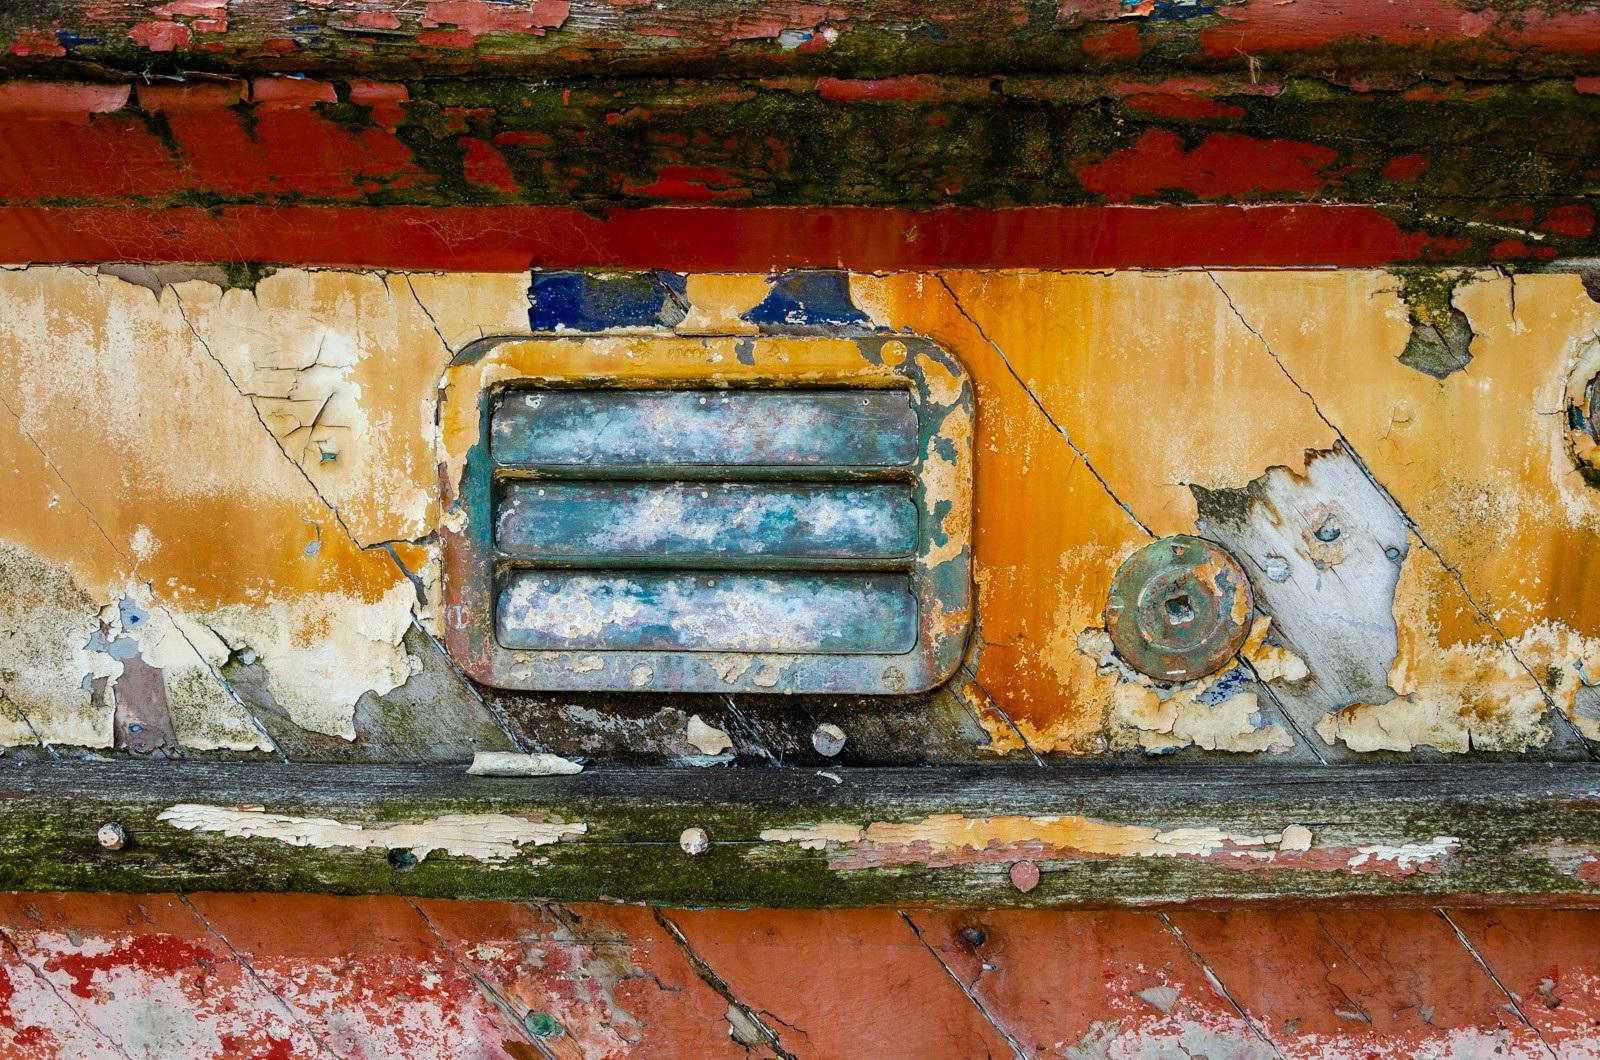 Kevin-Macknay-Abandoned-9.5-small